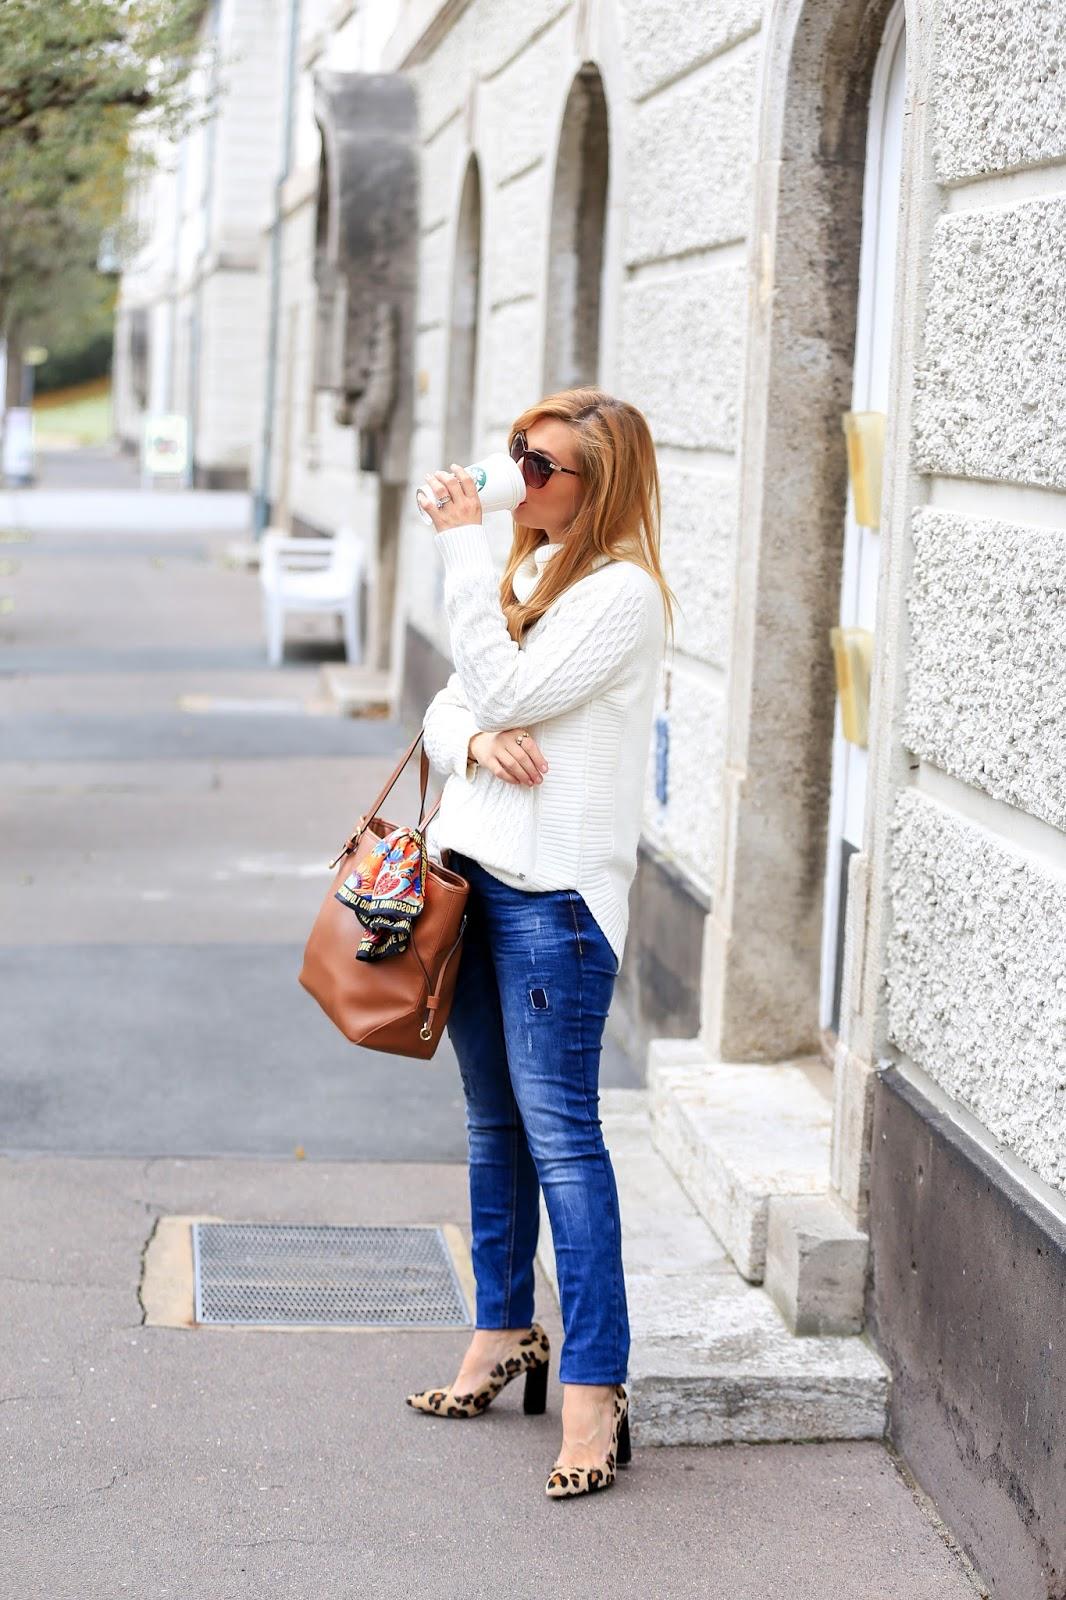 leopard-pumps-Leopard-Schuhe-leo-Schuhe-weißer-rolli-weißer-strickrolli-fashionblogger-blogger-aus-deutschland-fashionstylebyjohannaBrauner-shopper-shopper-bag-